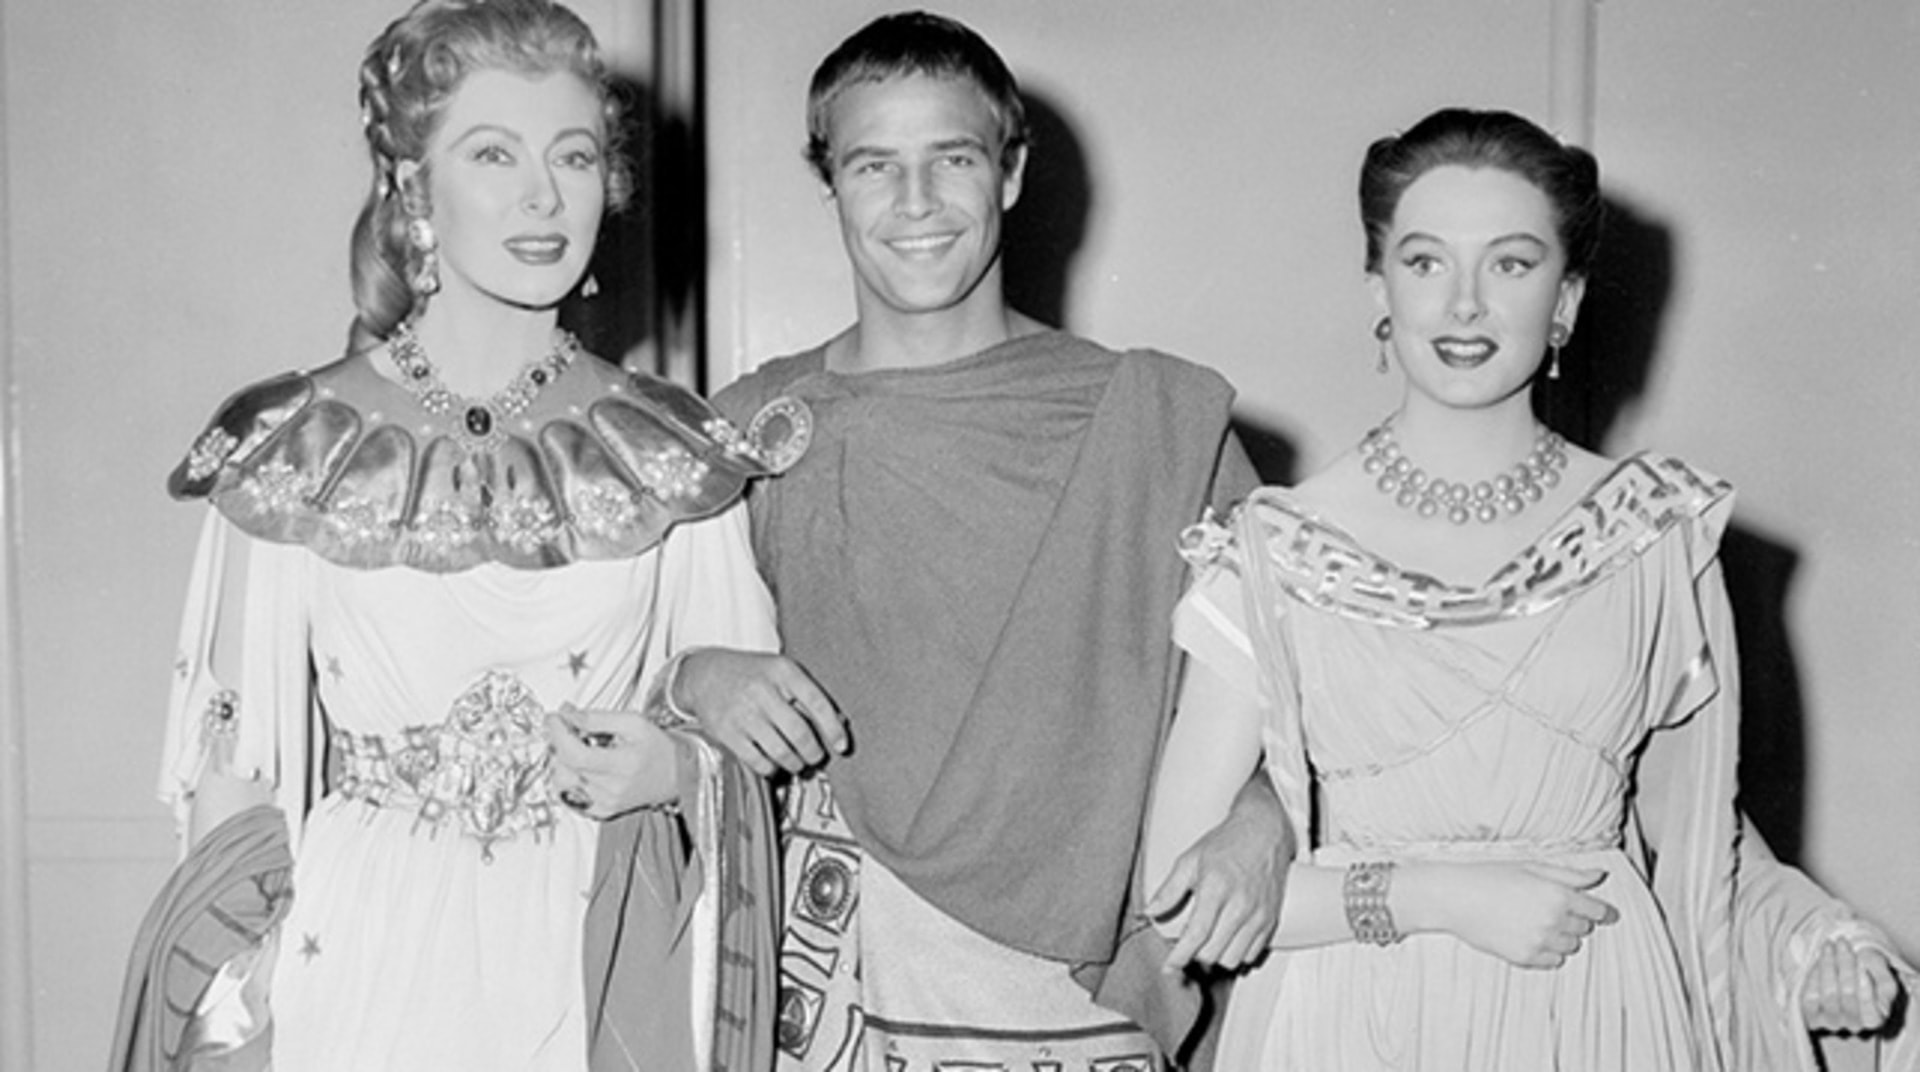 Julius Caesar - Image 16